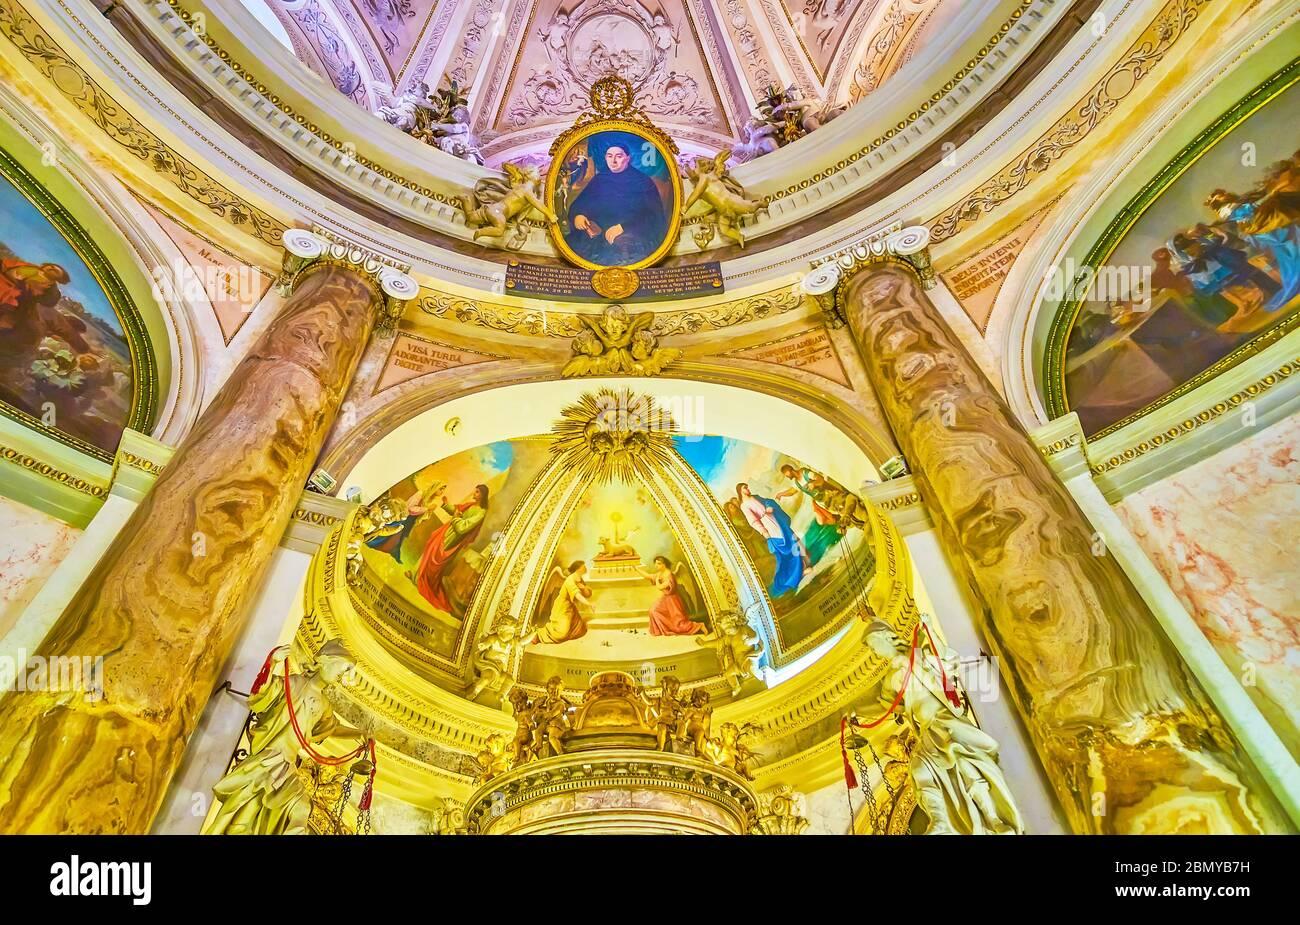 CADIX, ESPAGNE - 24 SEPTEMBRE 2019 : les belles décorations de la Chapelle du Saint Sacrement à Oratorio de la Santa Cueva avec de nombreuses décorations historiques Banque D'Images